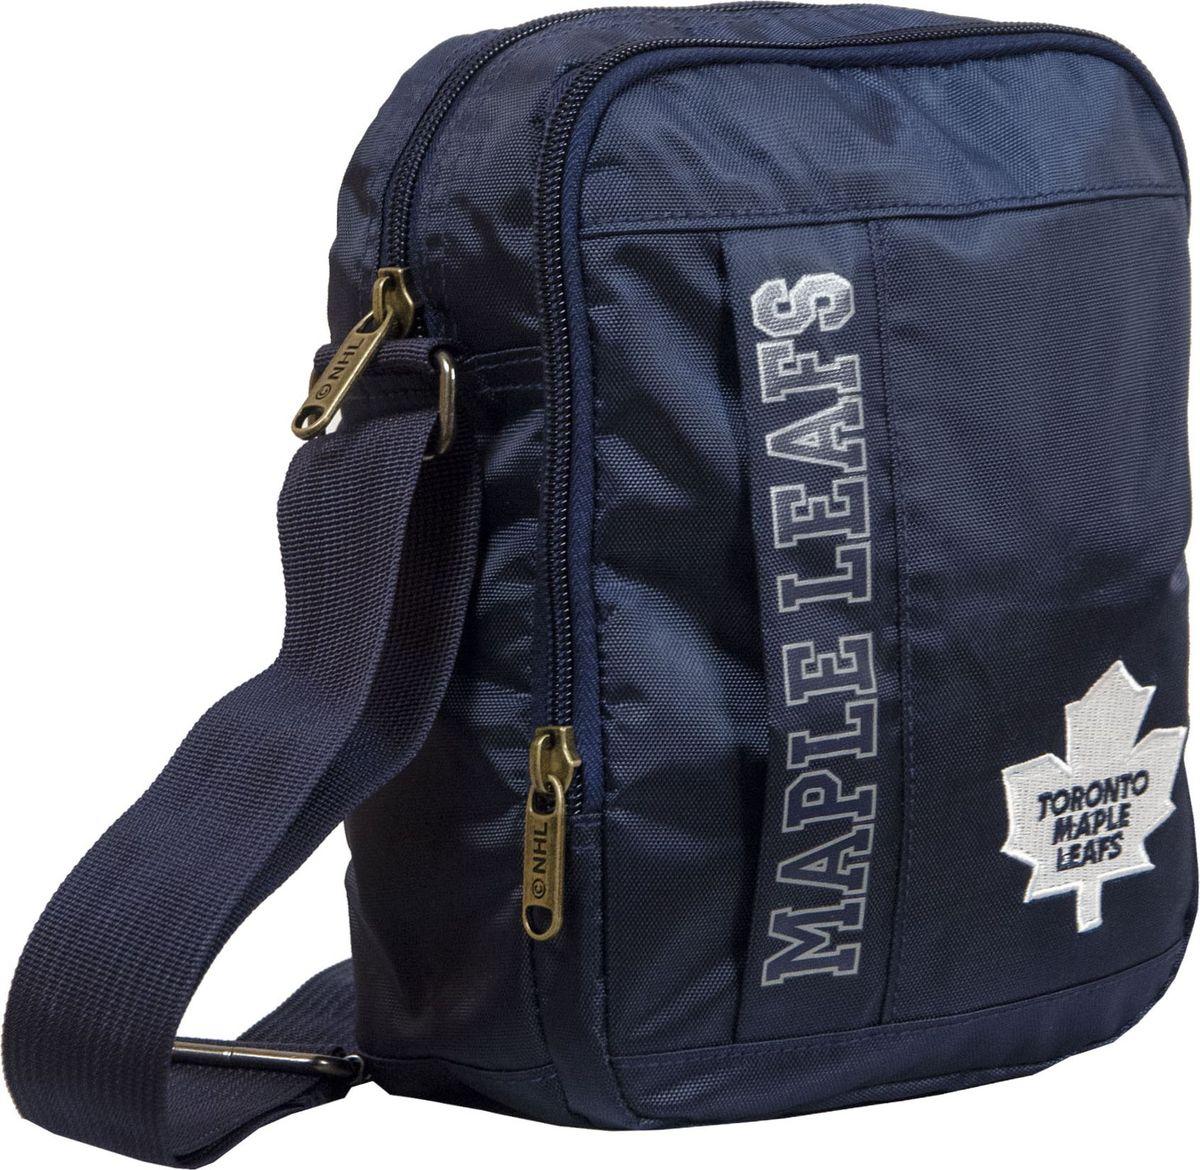 Сумка на плечо Atributika & Club Toronto Maple Leafs, цвет: синий, 15 л. 5803058030Сумка на плечо Atributika & Club изготовлена из 100% полиэстера. Модель имеет одно основное отделение, которое закрывается на застежку-молнию. Спереди расположен большой накладной карман на молнии. Ремень для носки через плечо регулируется по длине. Модель украшена оригинальной вышивкой.